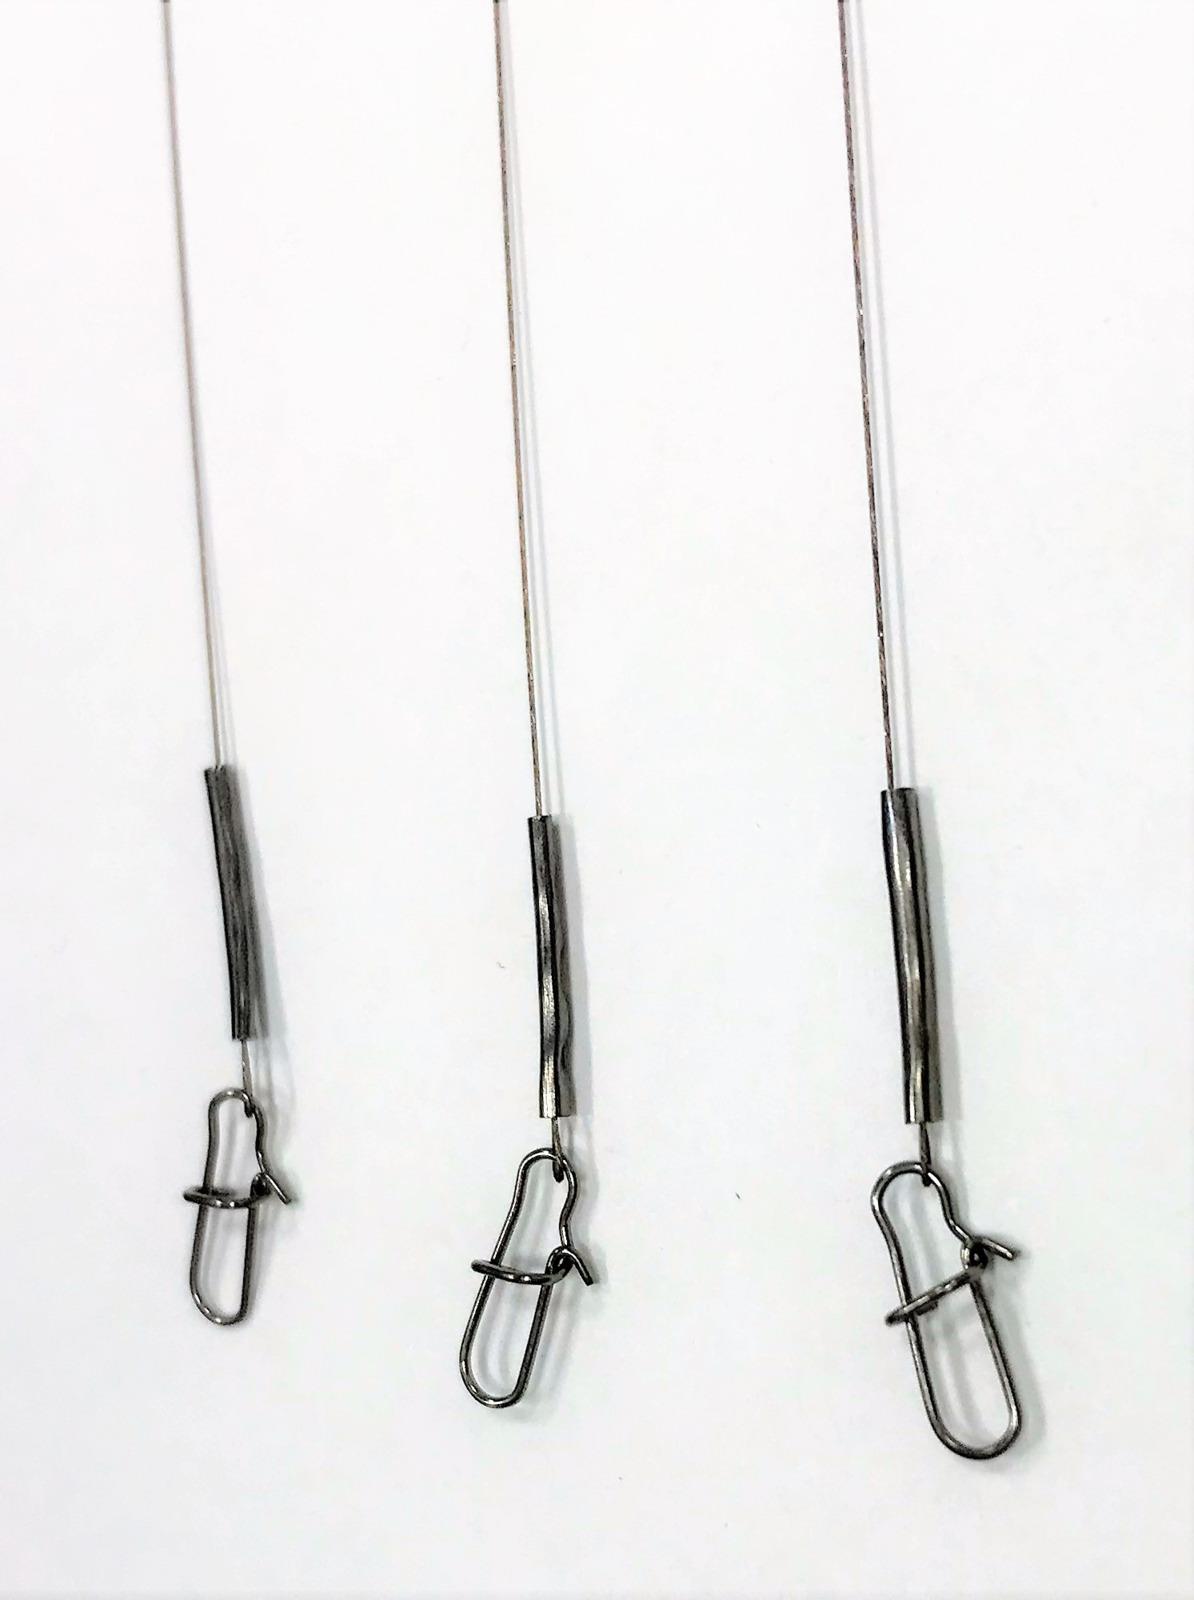 Поводок стальной APG, 1 х 7 нитей, диаметр 0,25 мм, длина 16 см, нагрузка 4 кг, 3 шт